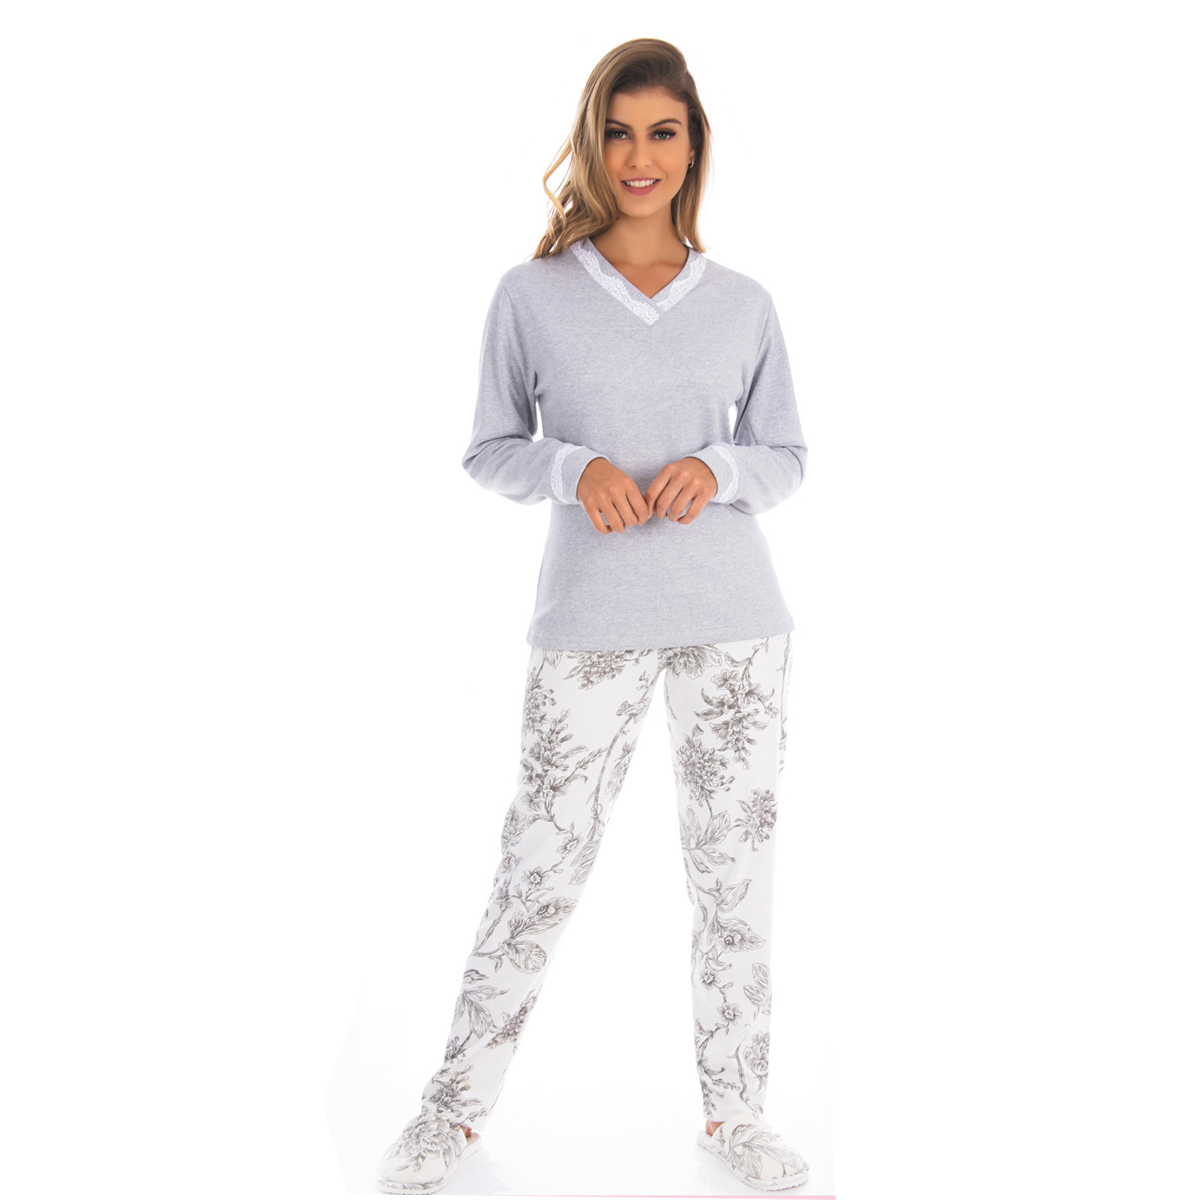 Pijama MADAM feminino para o inverno Victory